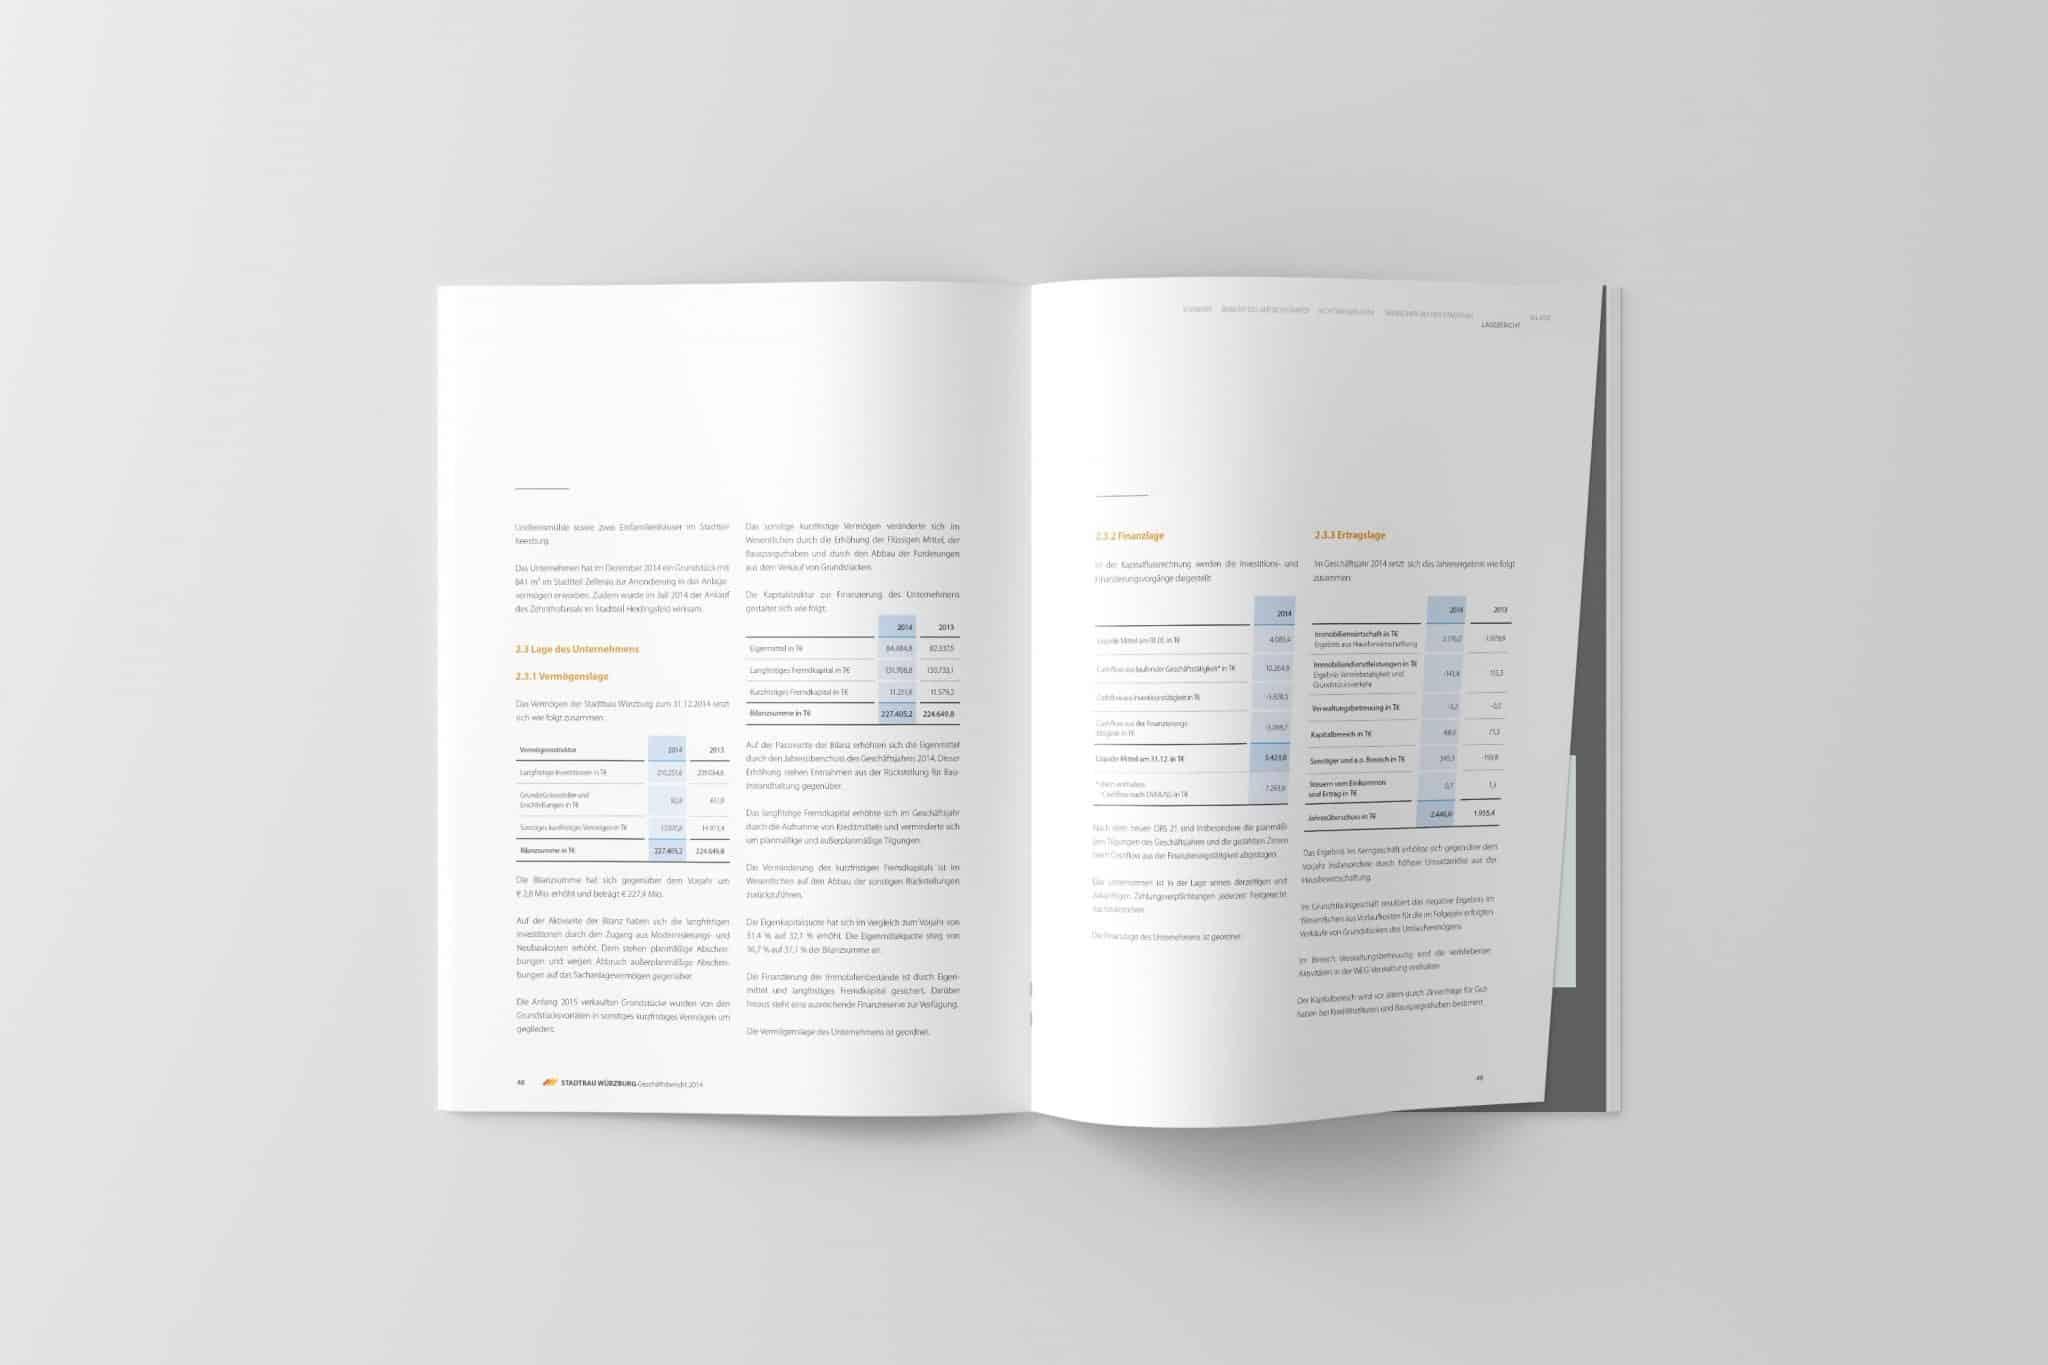 Doppelseite mit Zahlenteil 02 Jahresbericht Stadtbau 2014 Corporate Puplishing